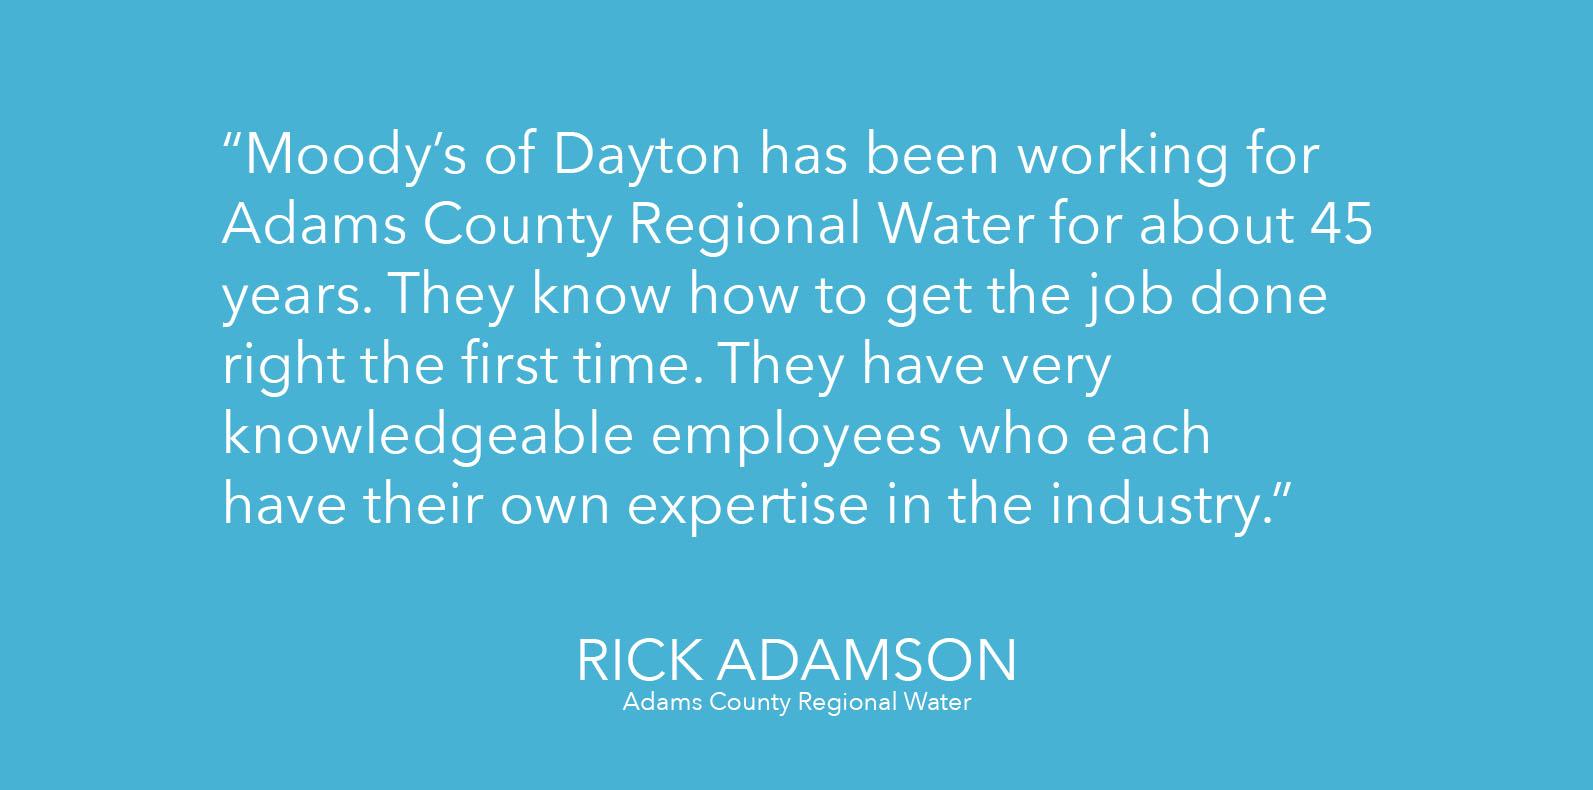 Rick admason.jpg